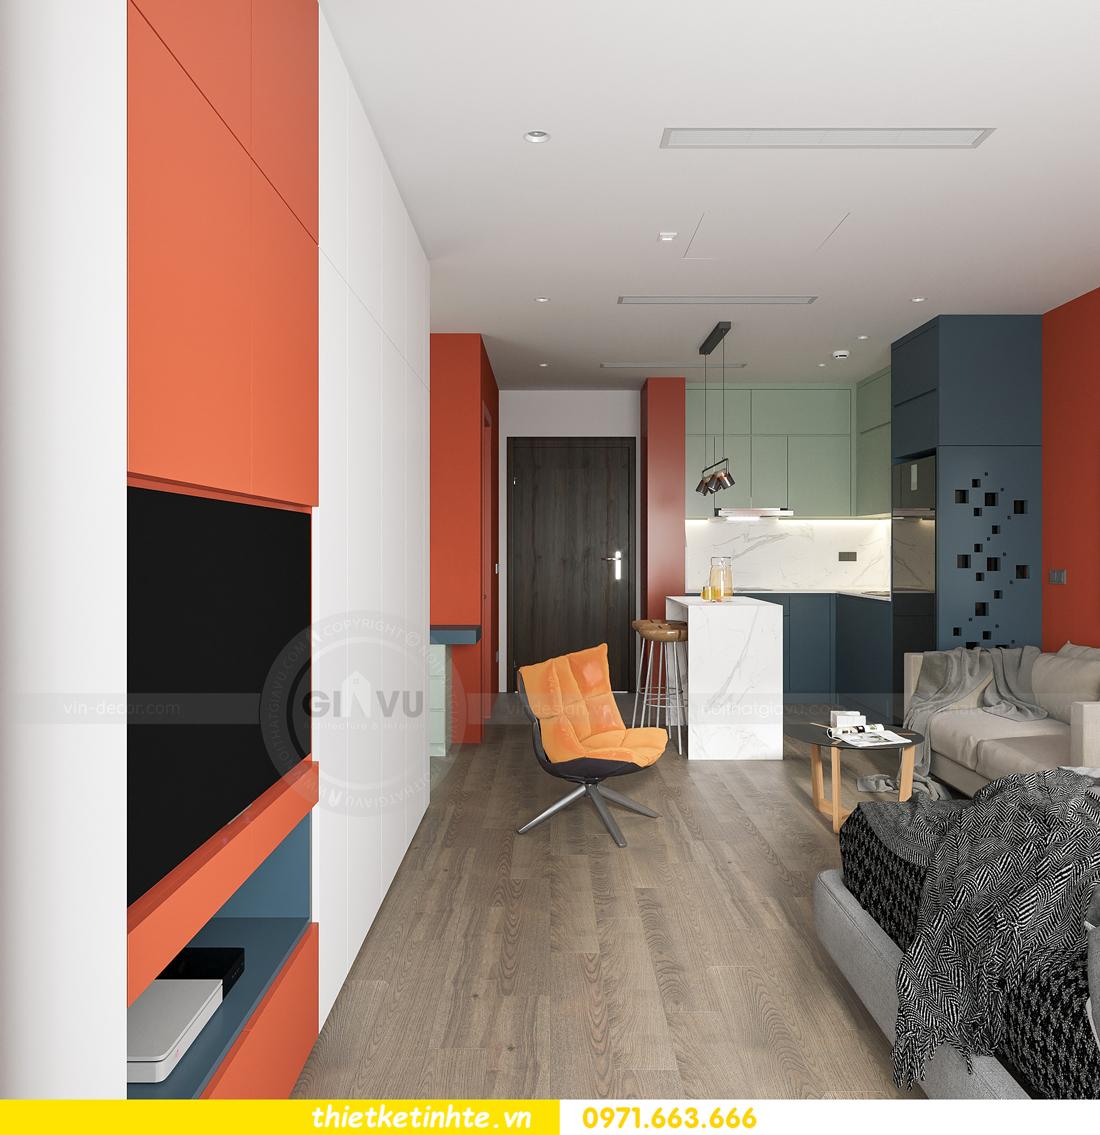 thiết kế nội thất căn hộ Studio tại Vinhomes Smart City 2